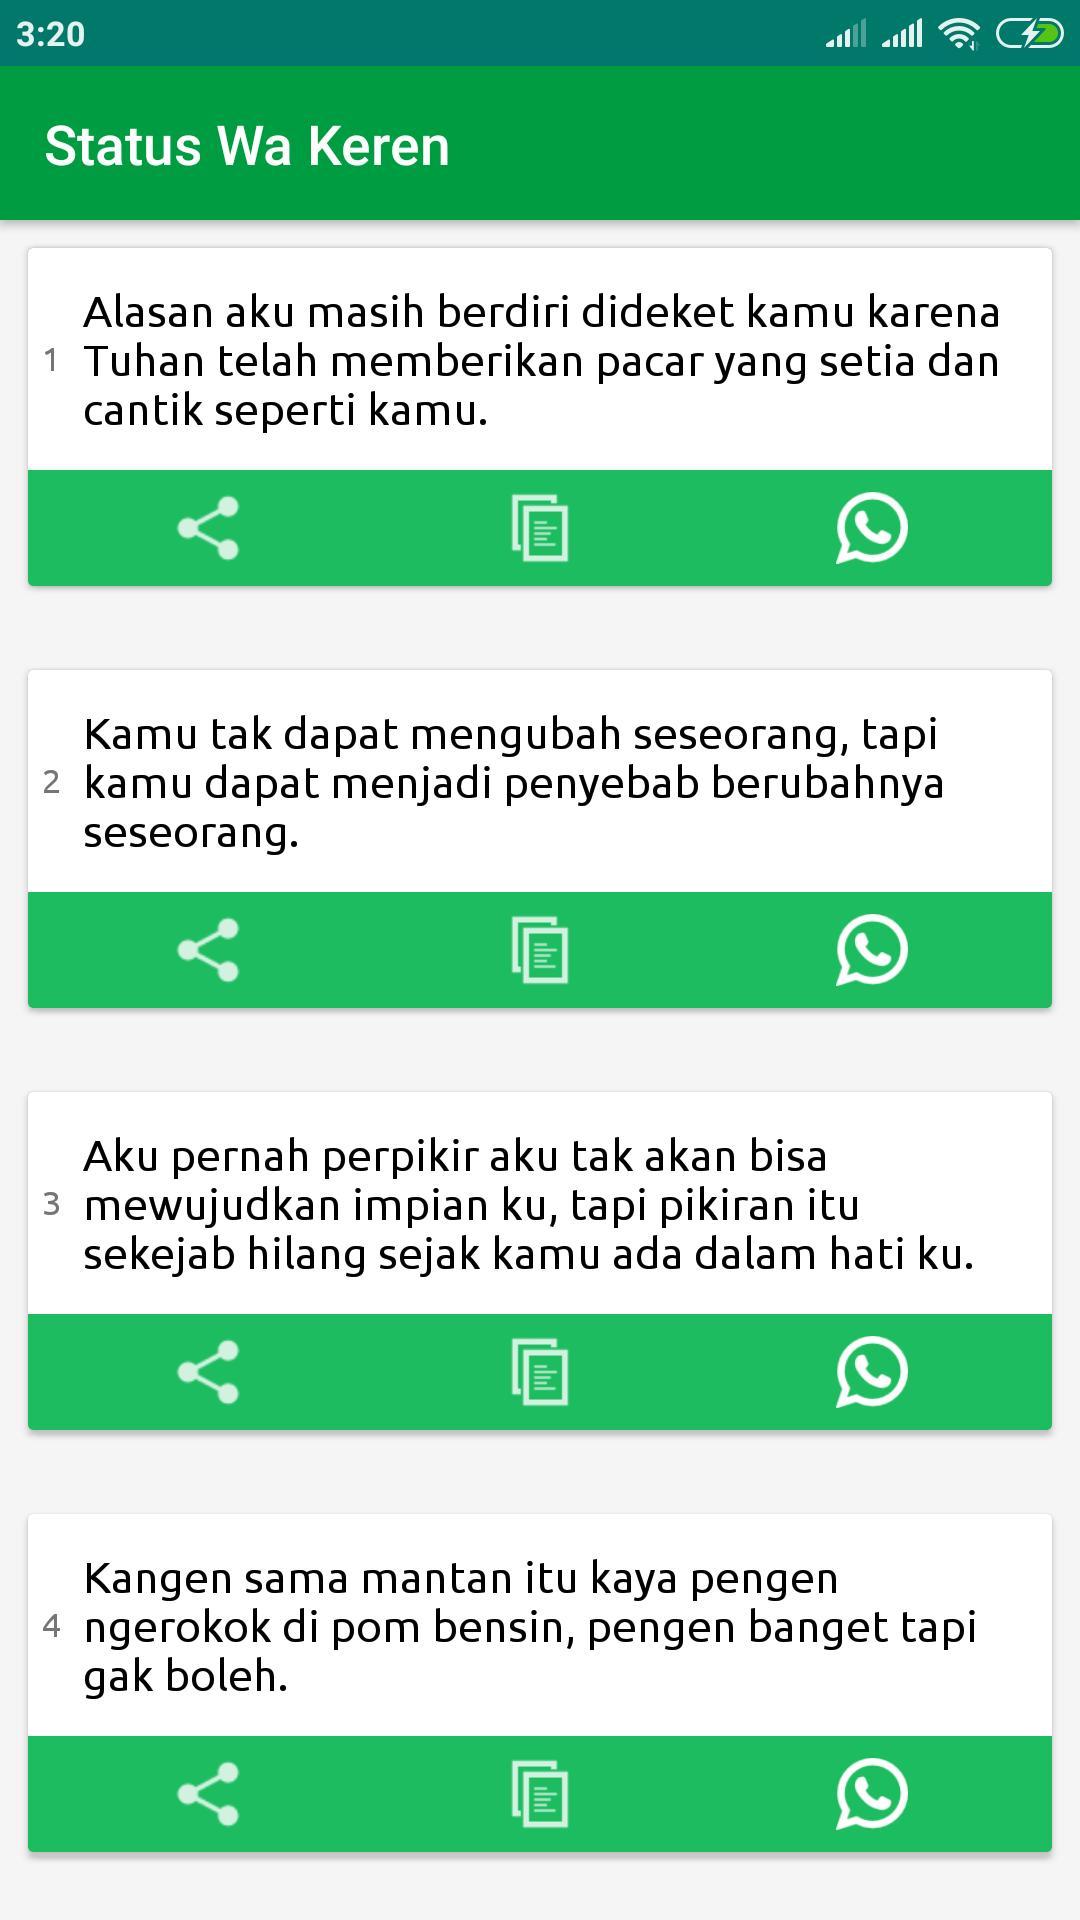 Status Wa Terbaru Lucu Gokil Keren Galau Sedih For Android